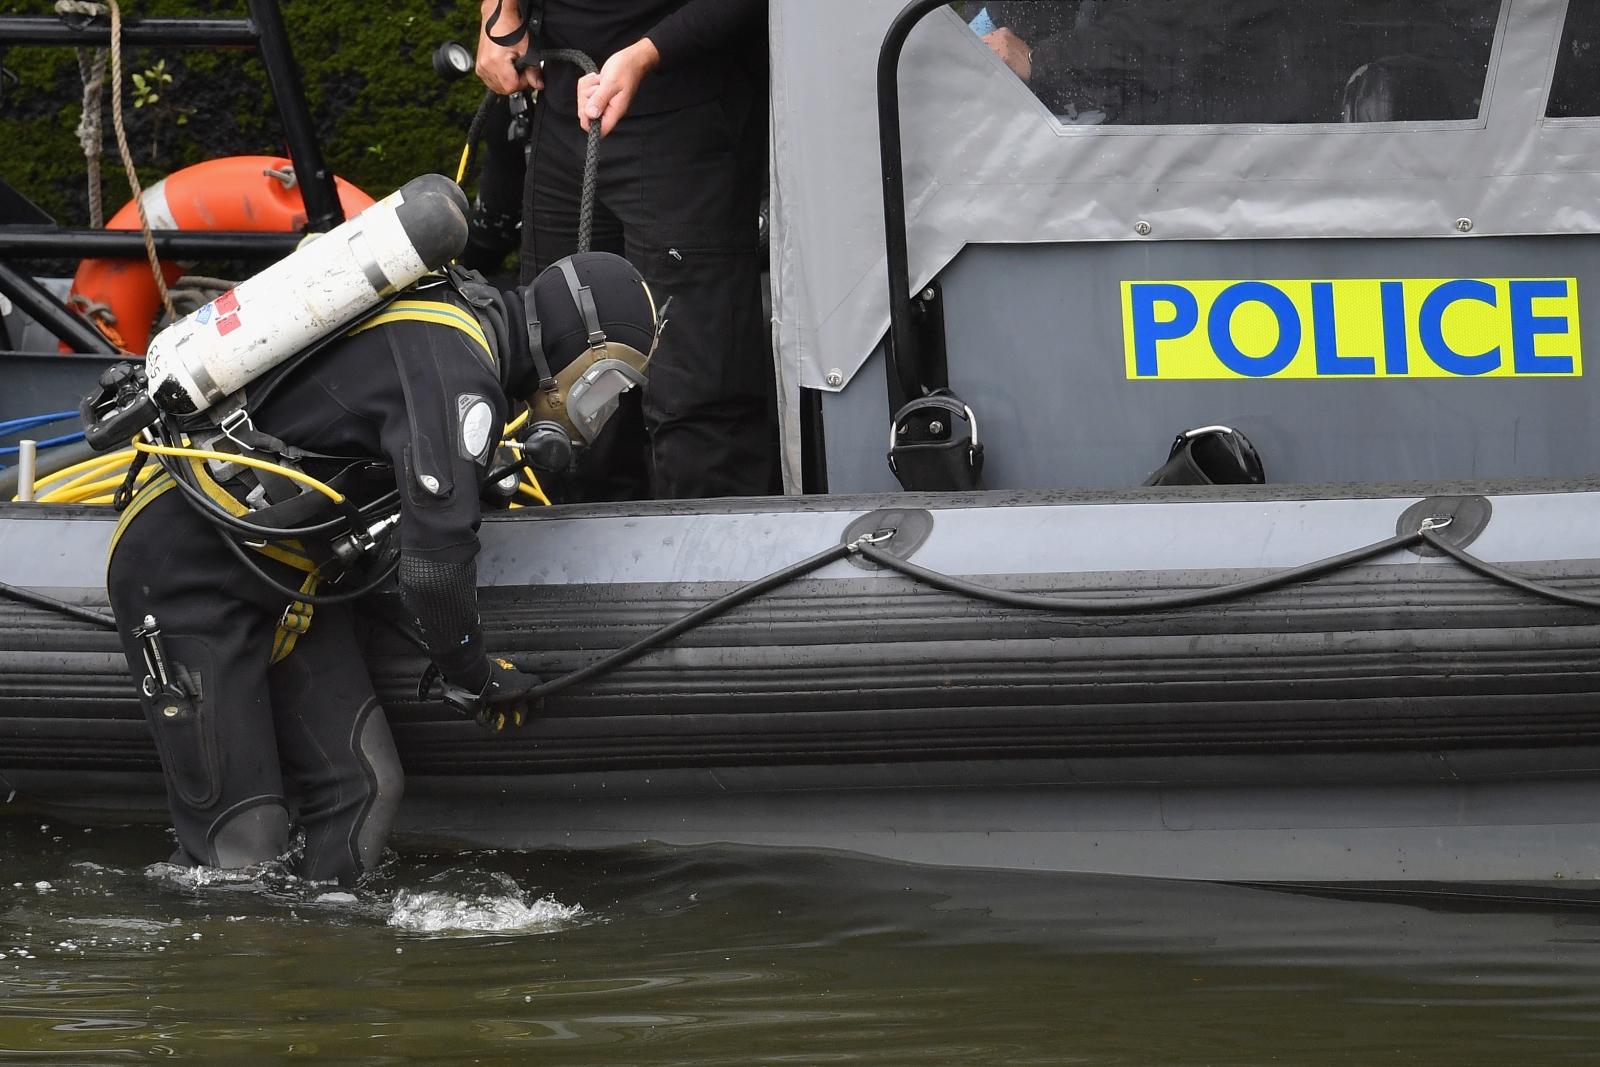 Scotland rescue divers